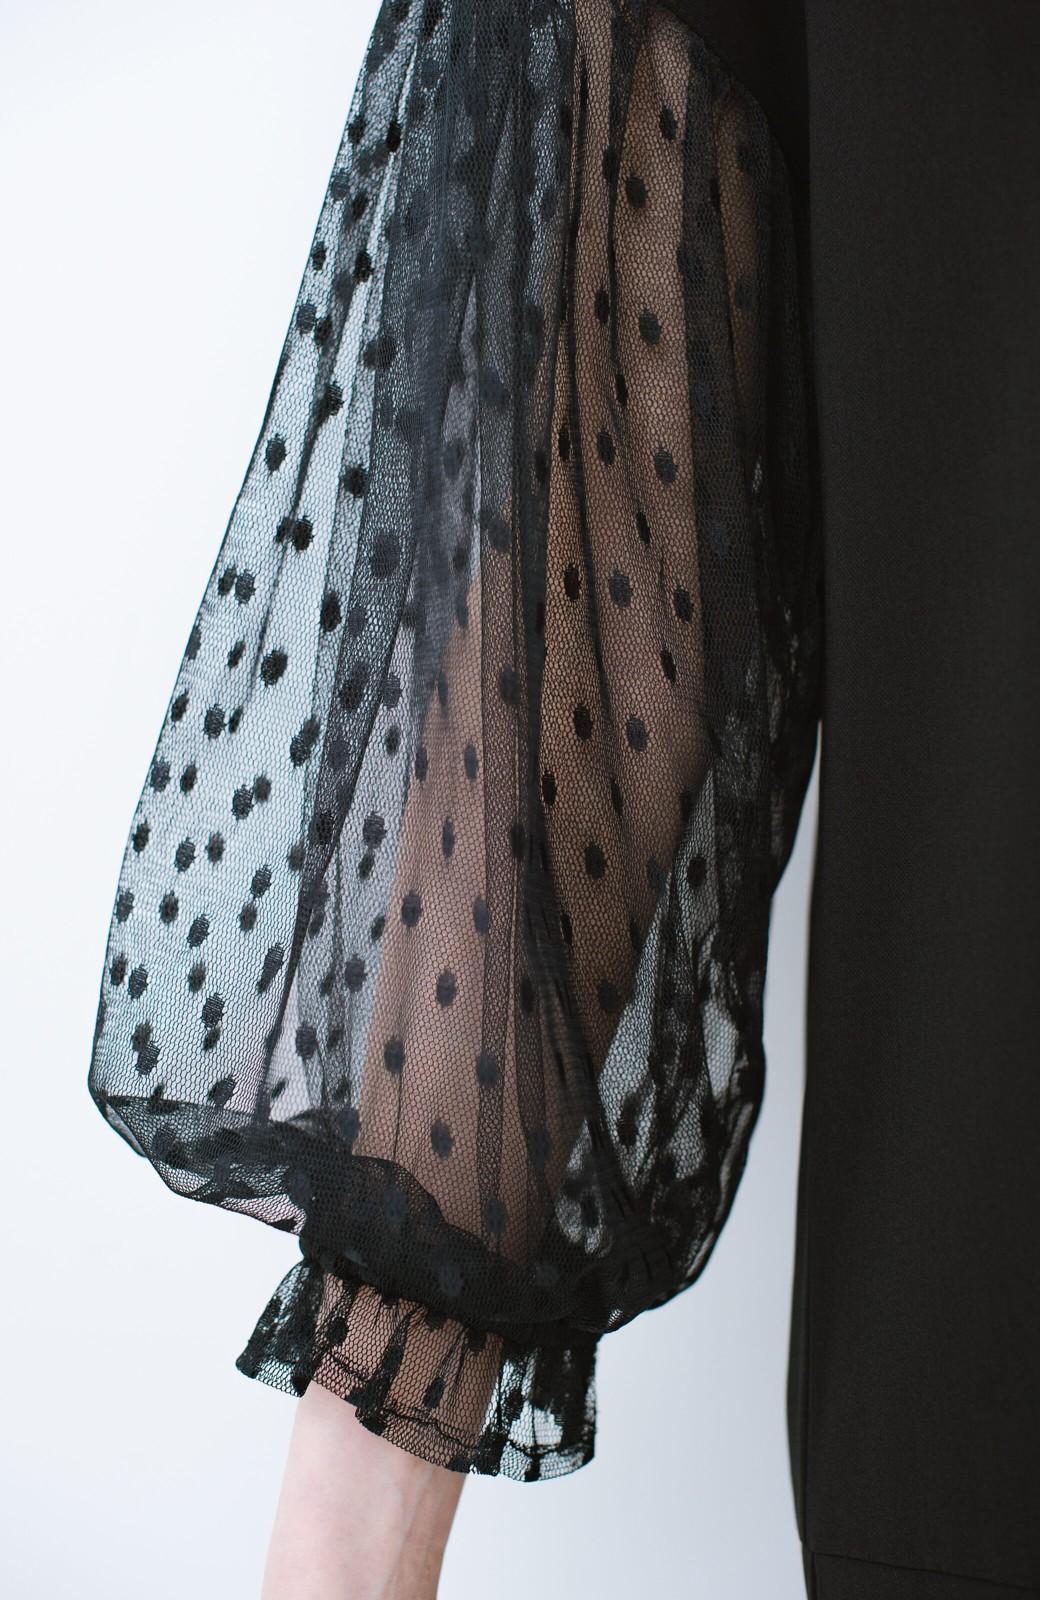 haco! 華やかシーンに浮かず埋もれず ドットチュールの透け袖がかわいい結婚式ワンピース <ブラック>の商品写真5